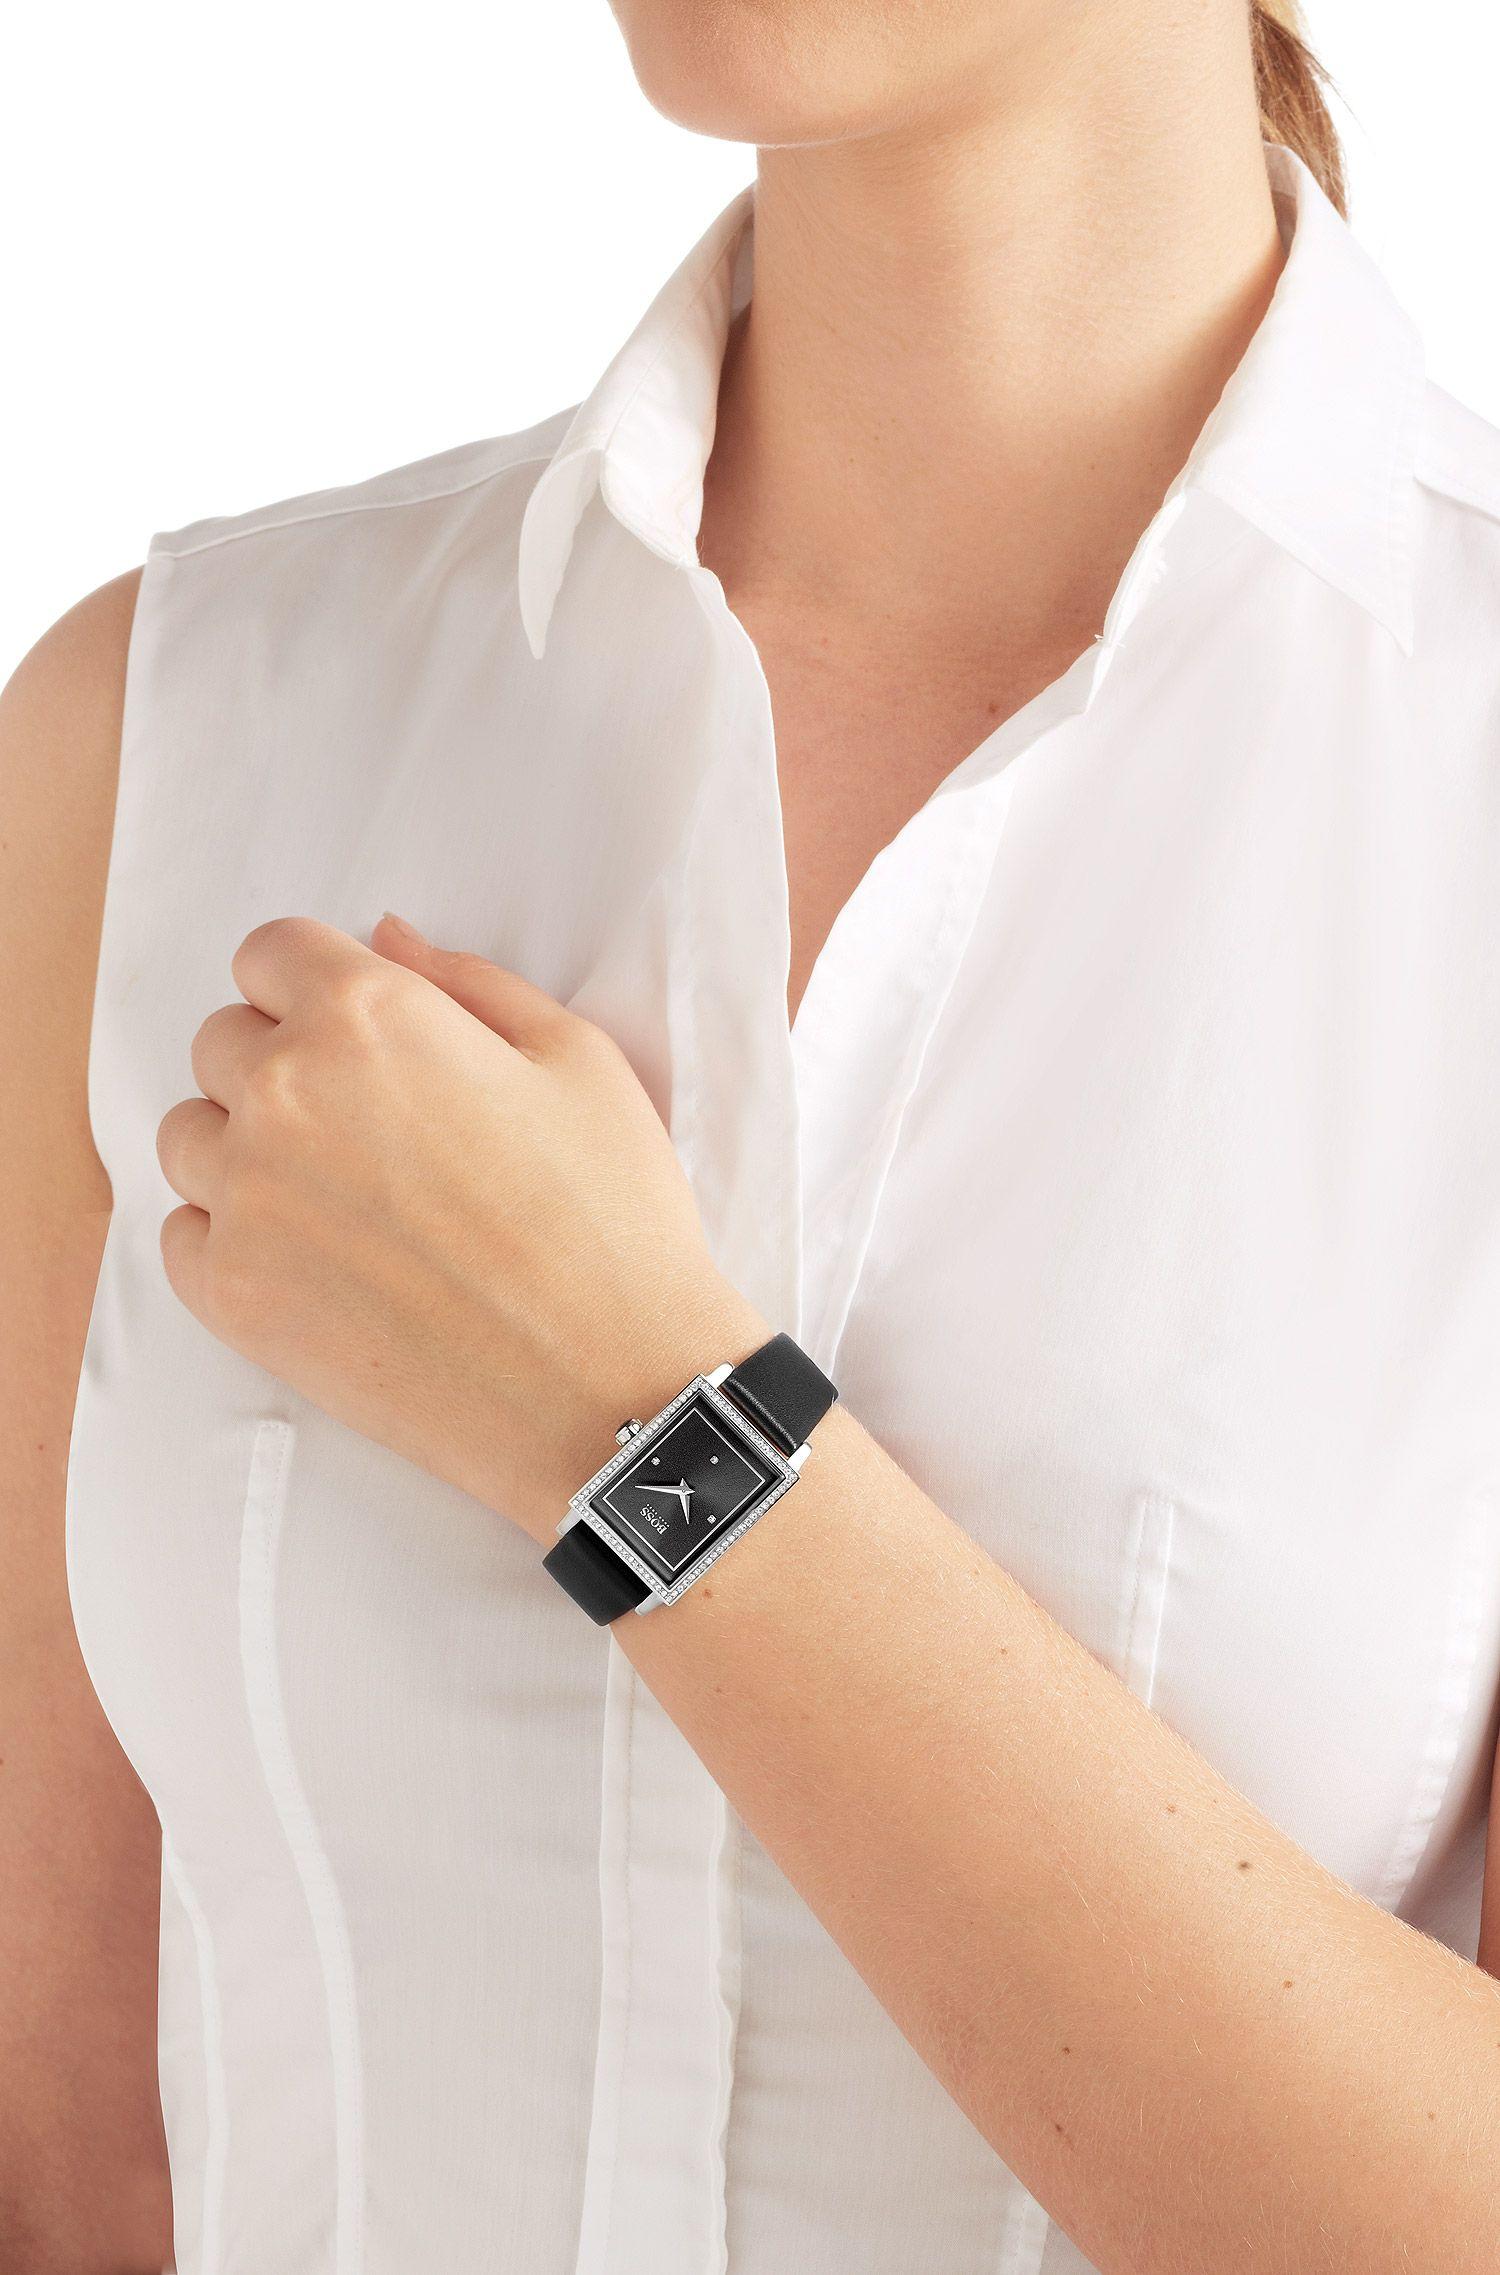 Montre-bracelet «HB6009» avec bracelet en cuir